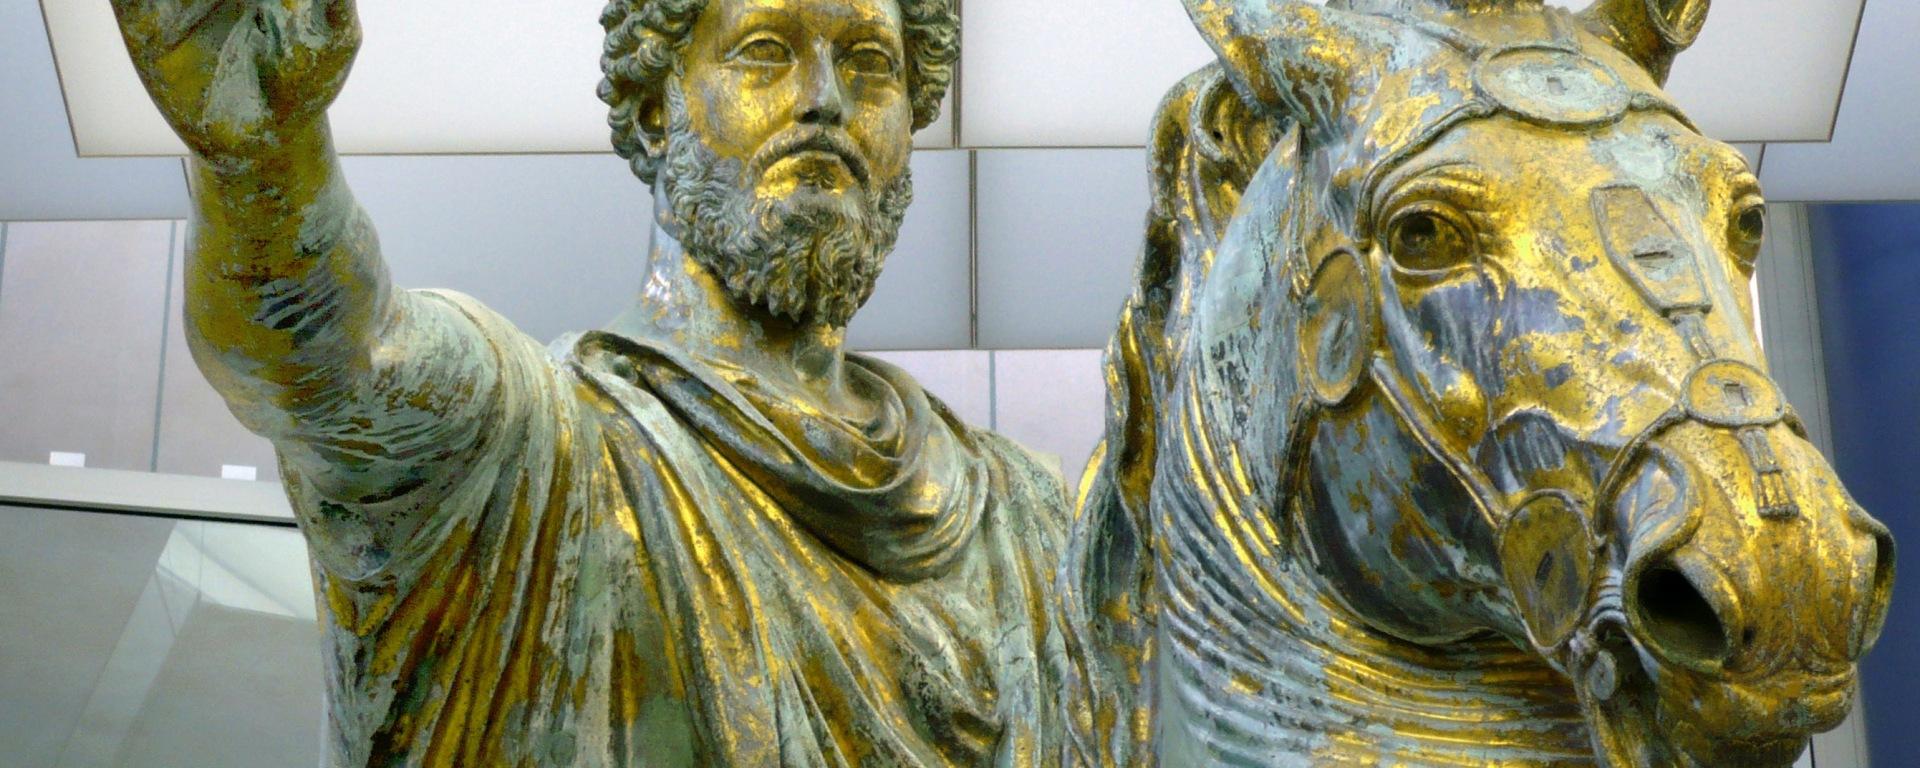 Marcus Aurelius, Bronze, DONCHARISMA, Marco_Aurelio_bronzo.wikip.pub.domain